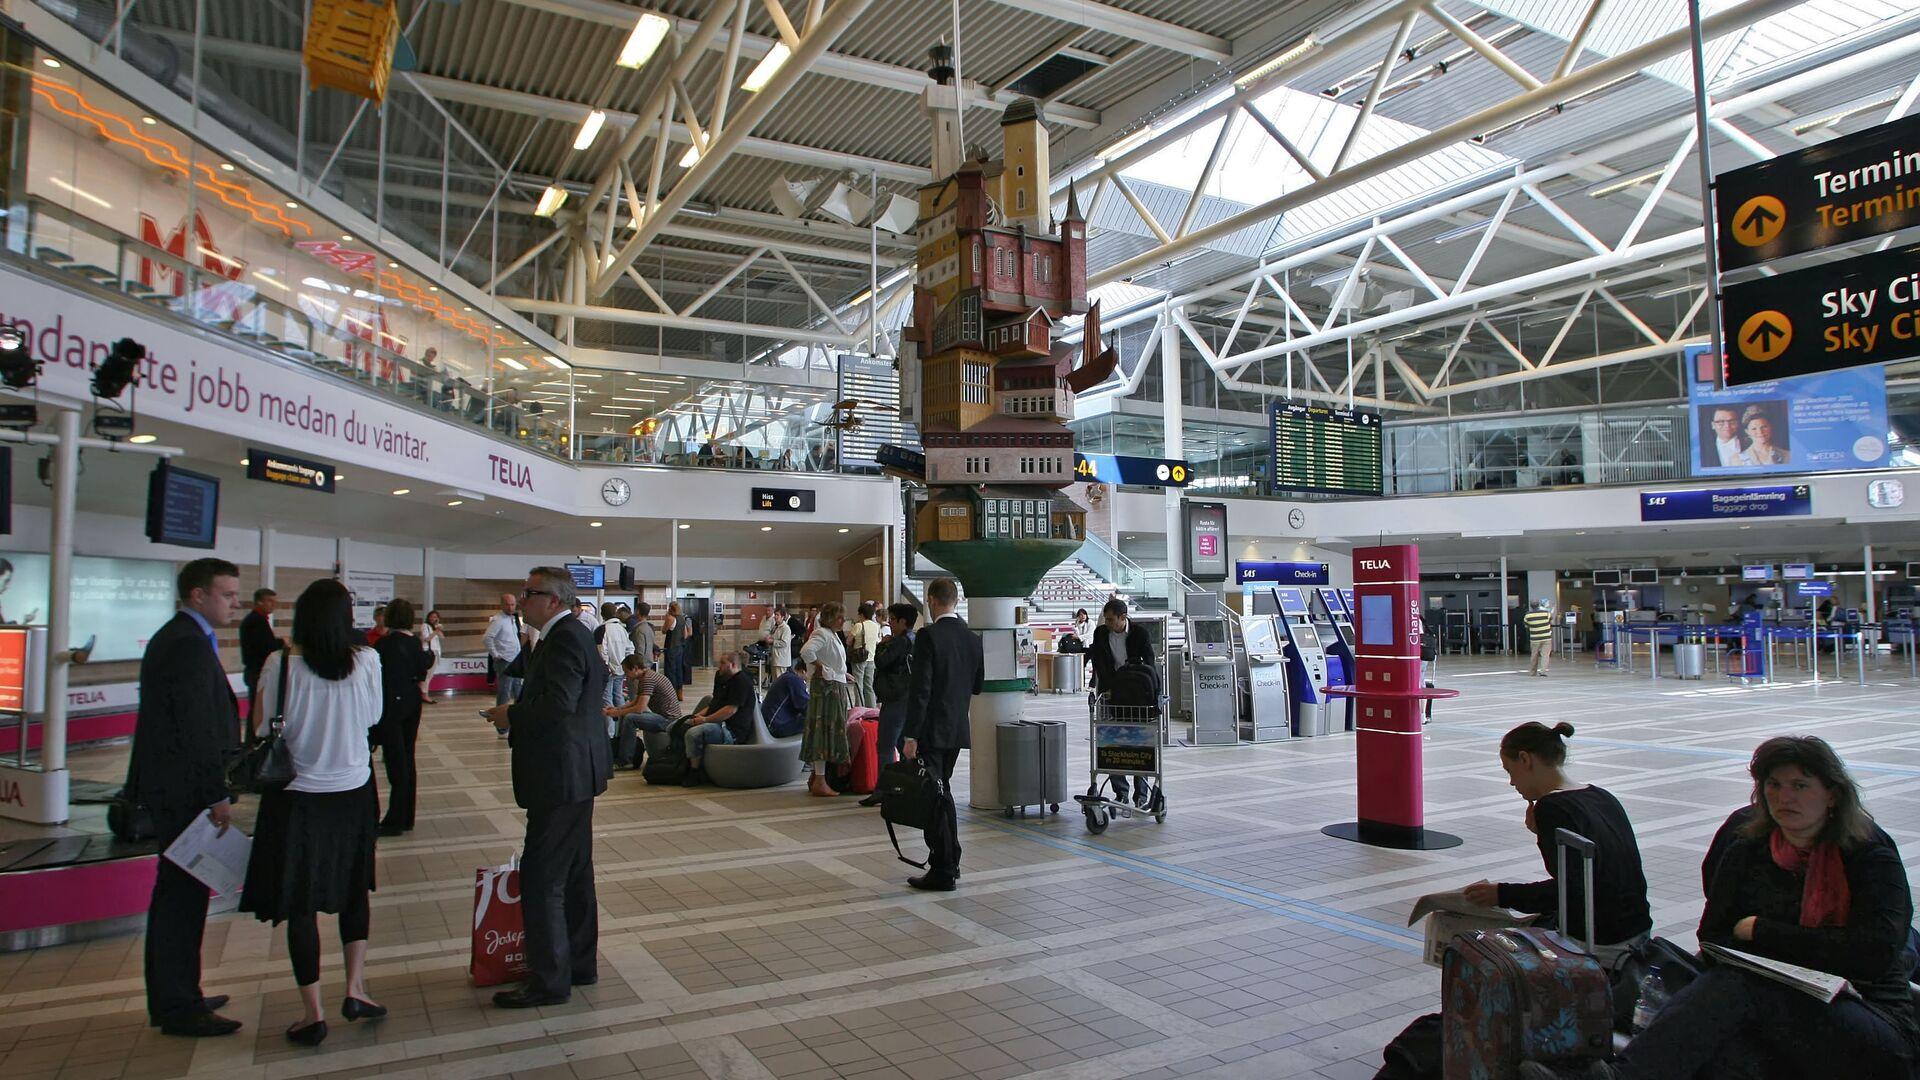 В зале крупнейшего международного аэропорта Швеции Стокгольм-Арланда - РИА Новости, 1920, 27.12.2020